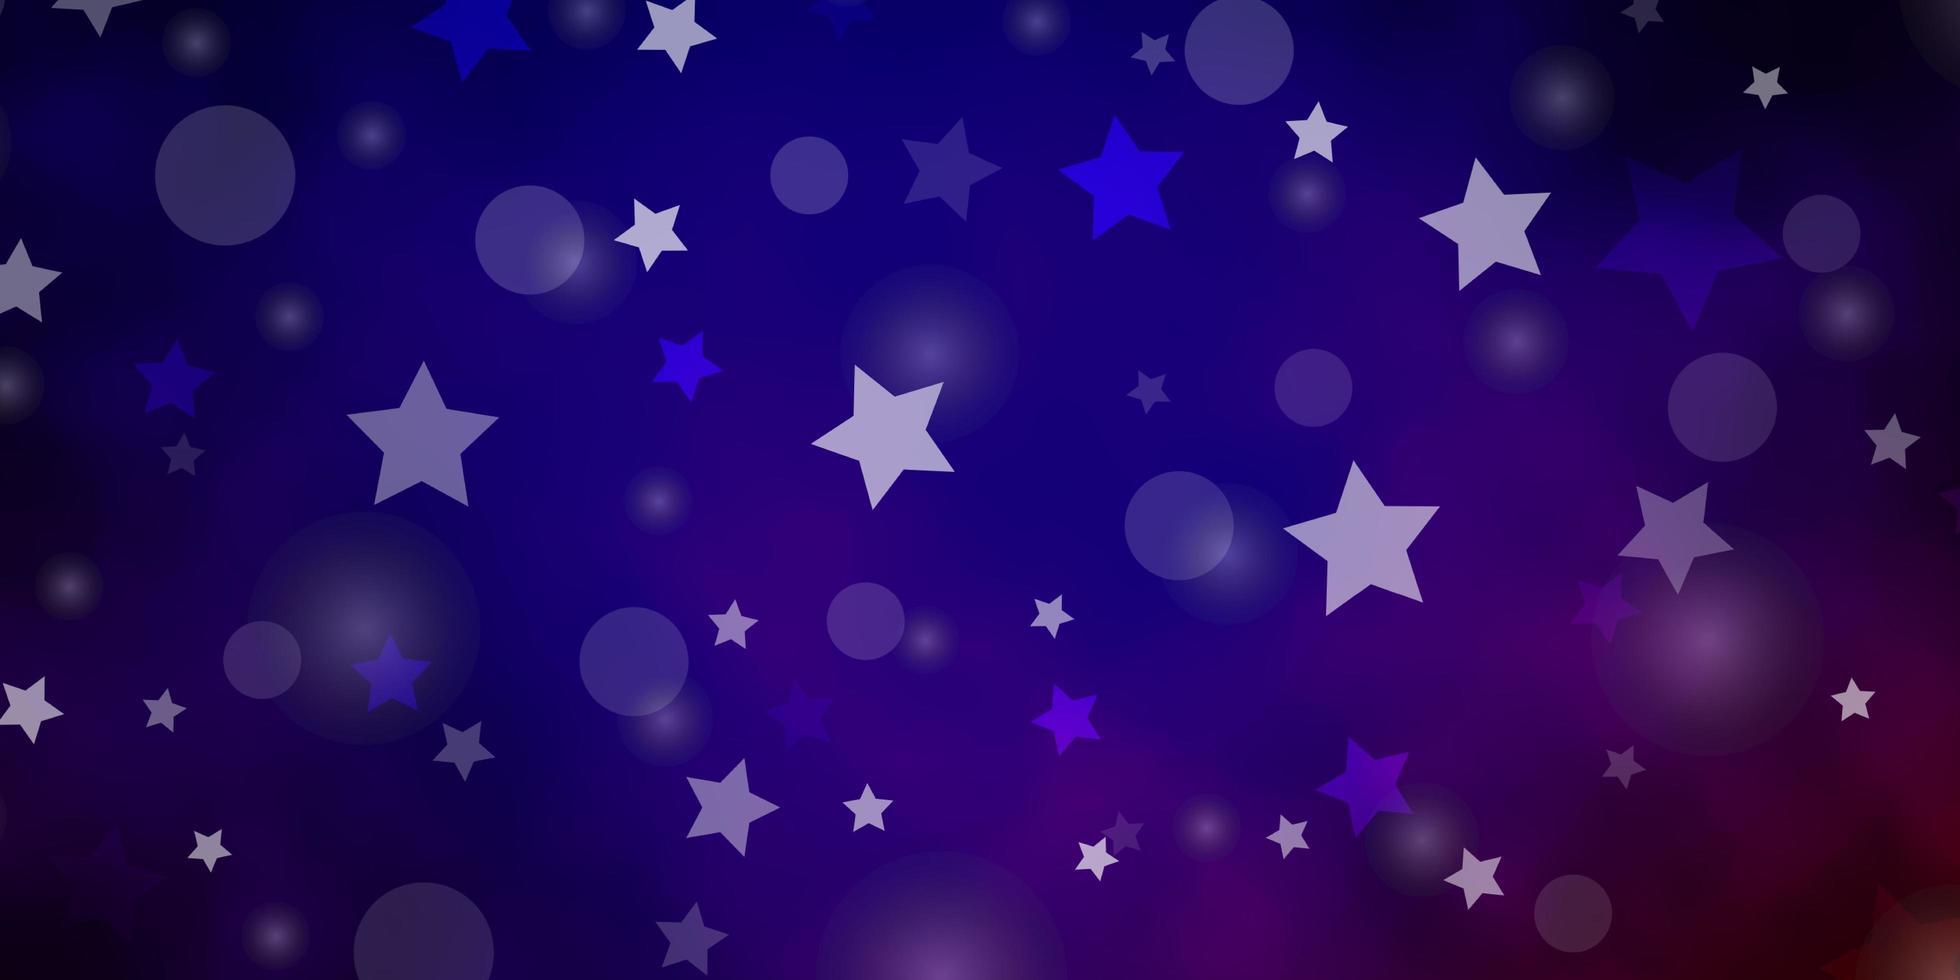 Fondo de vector azul oscuro, rojo con círculos, estrellas.